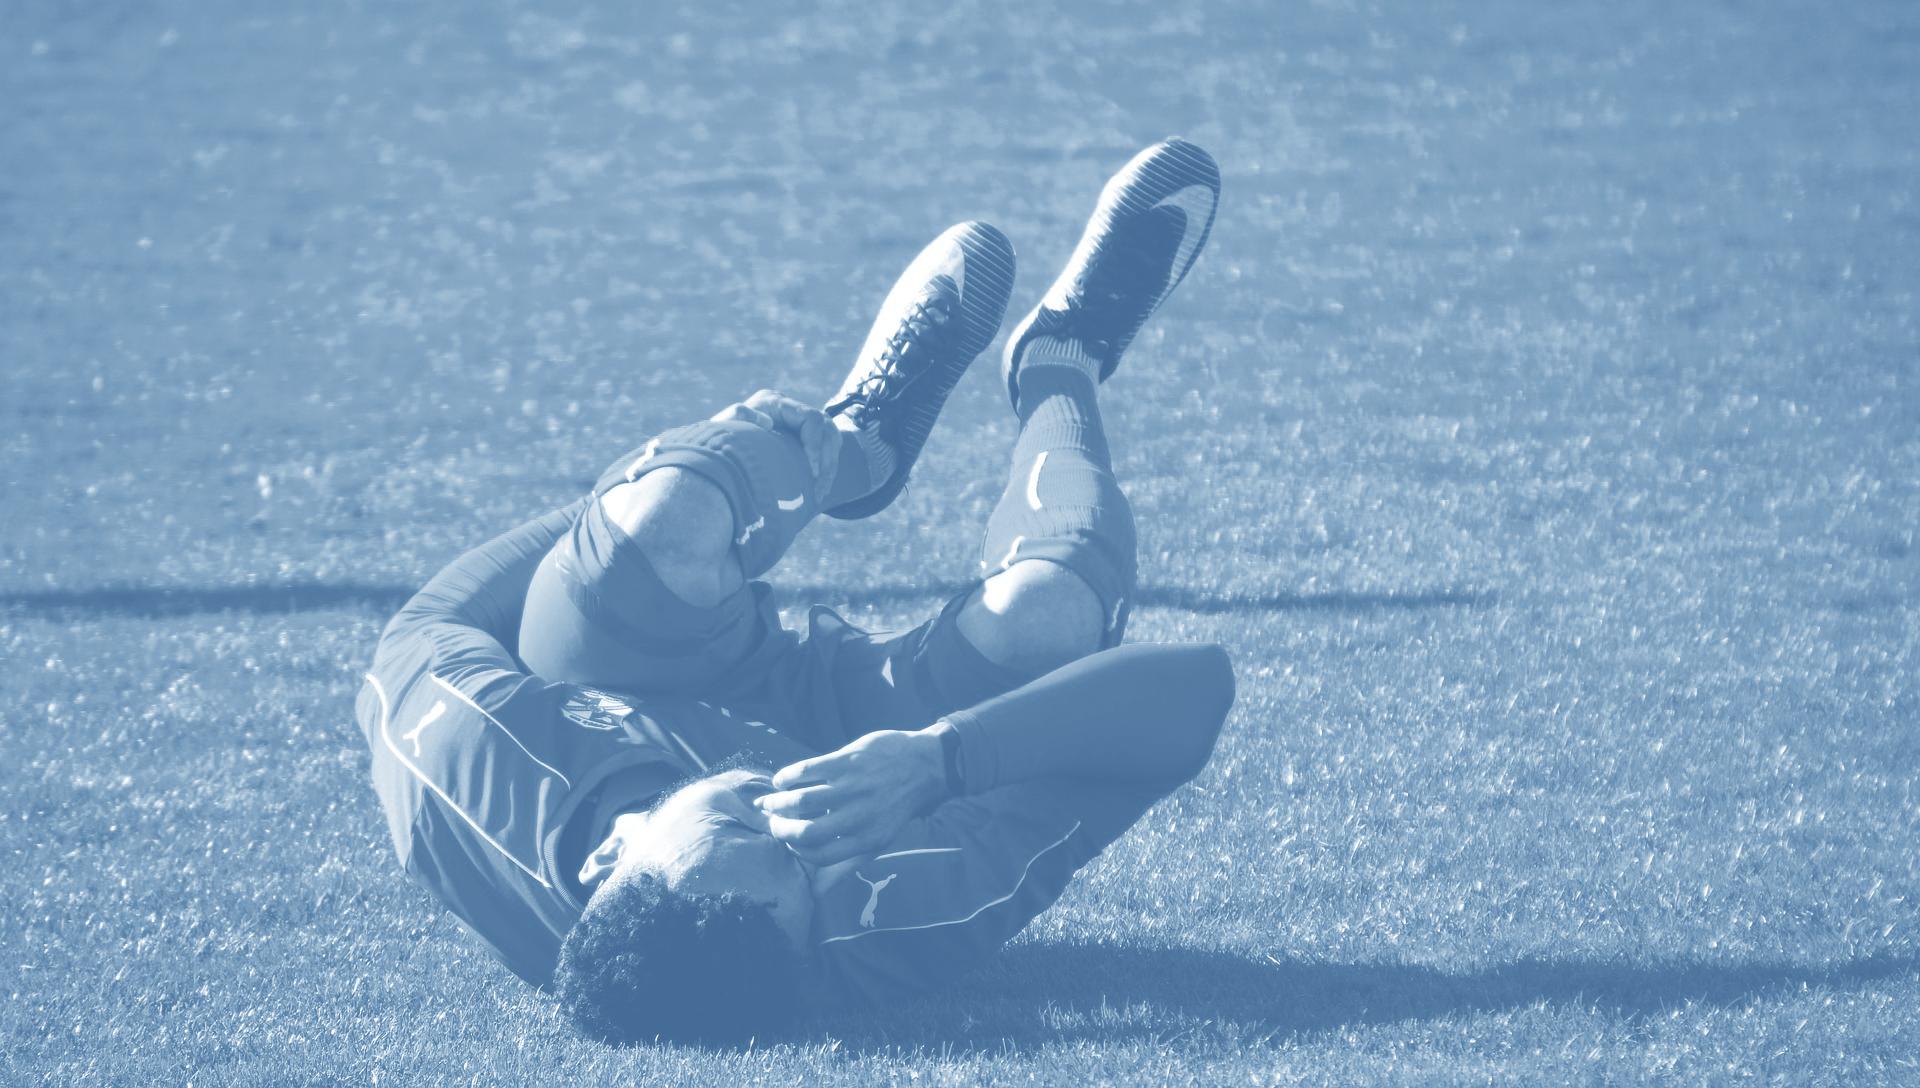 Cómo gestionar una lesión grave: más allá de los libros